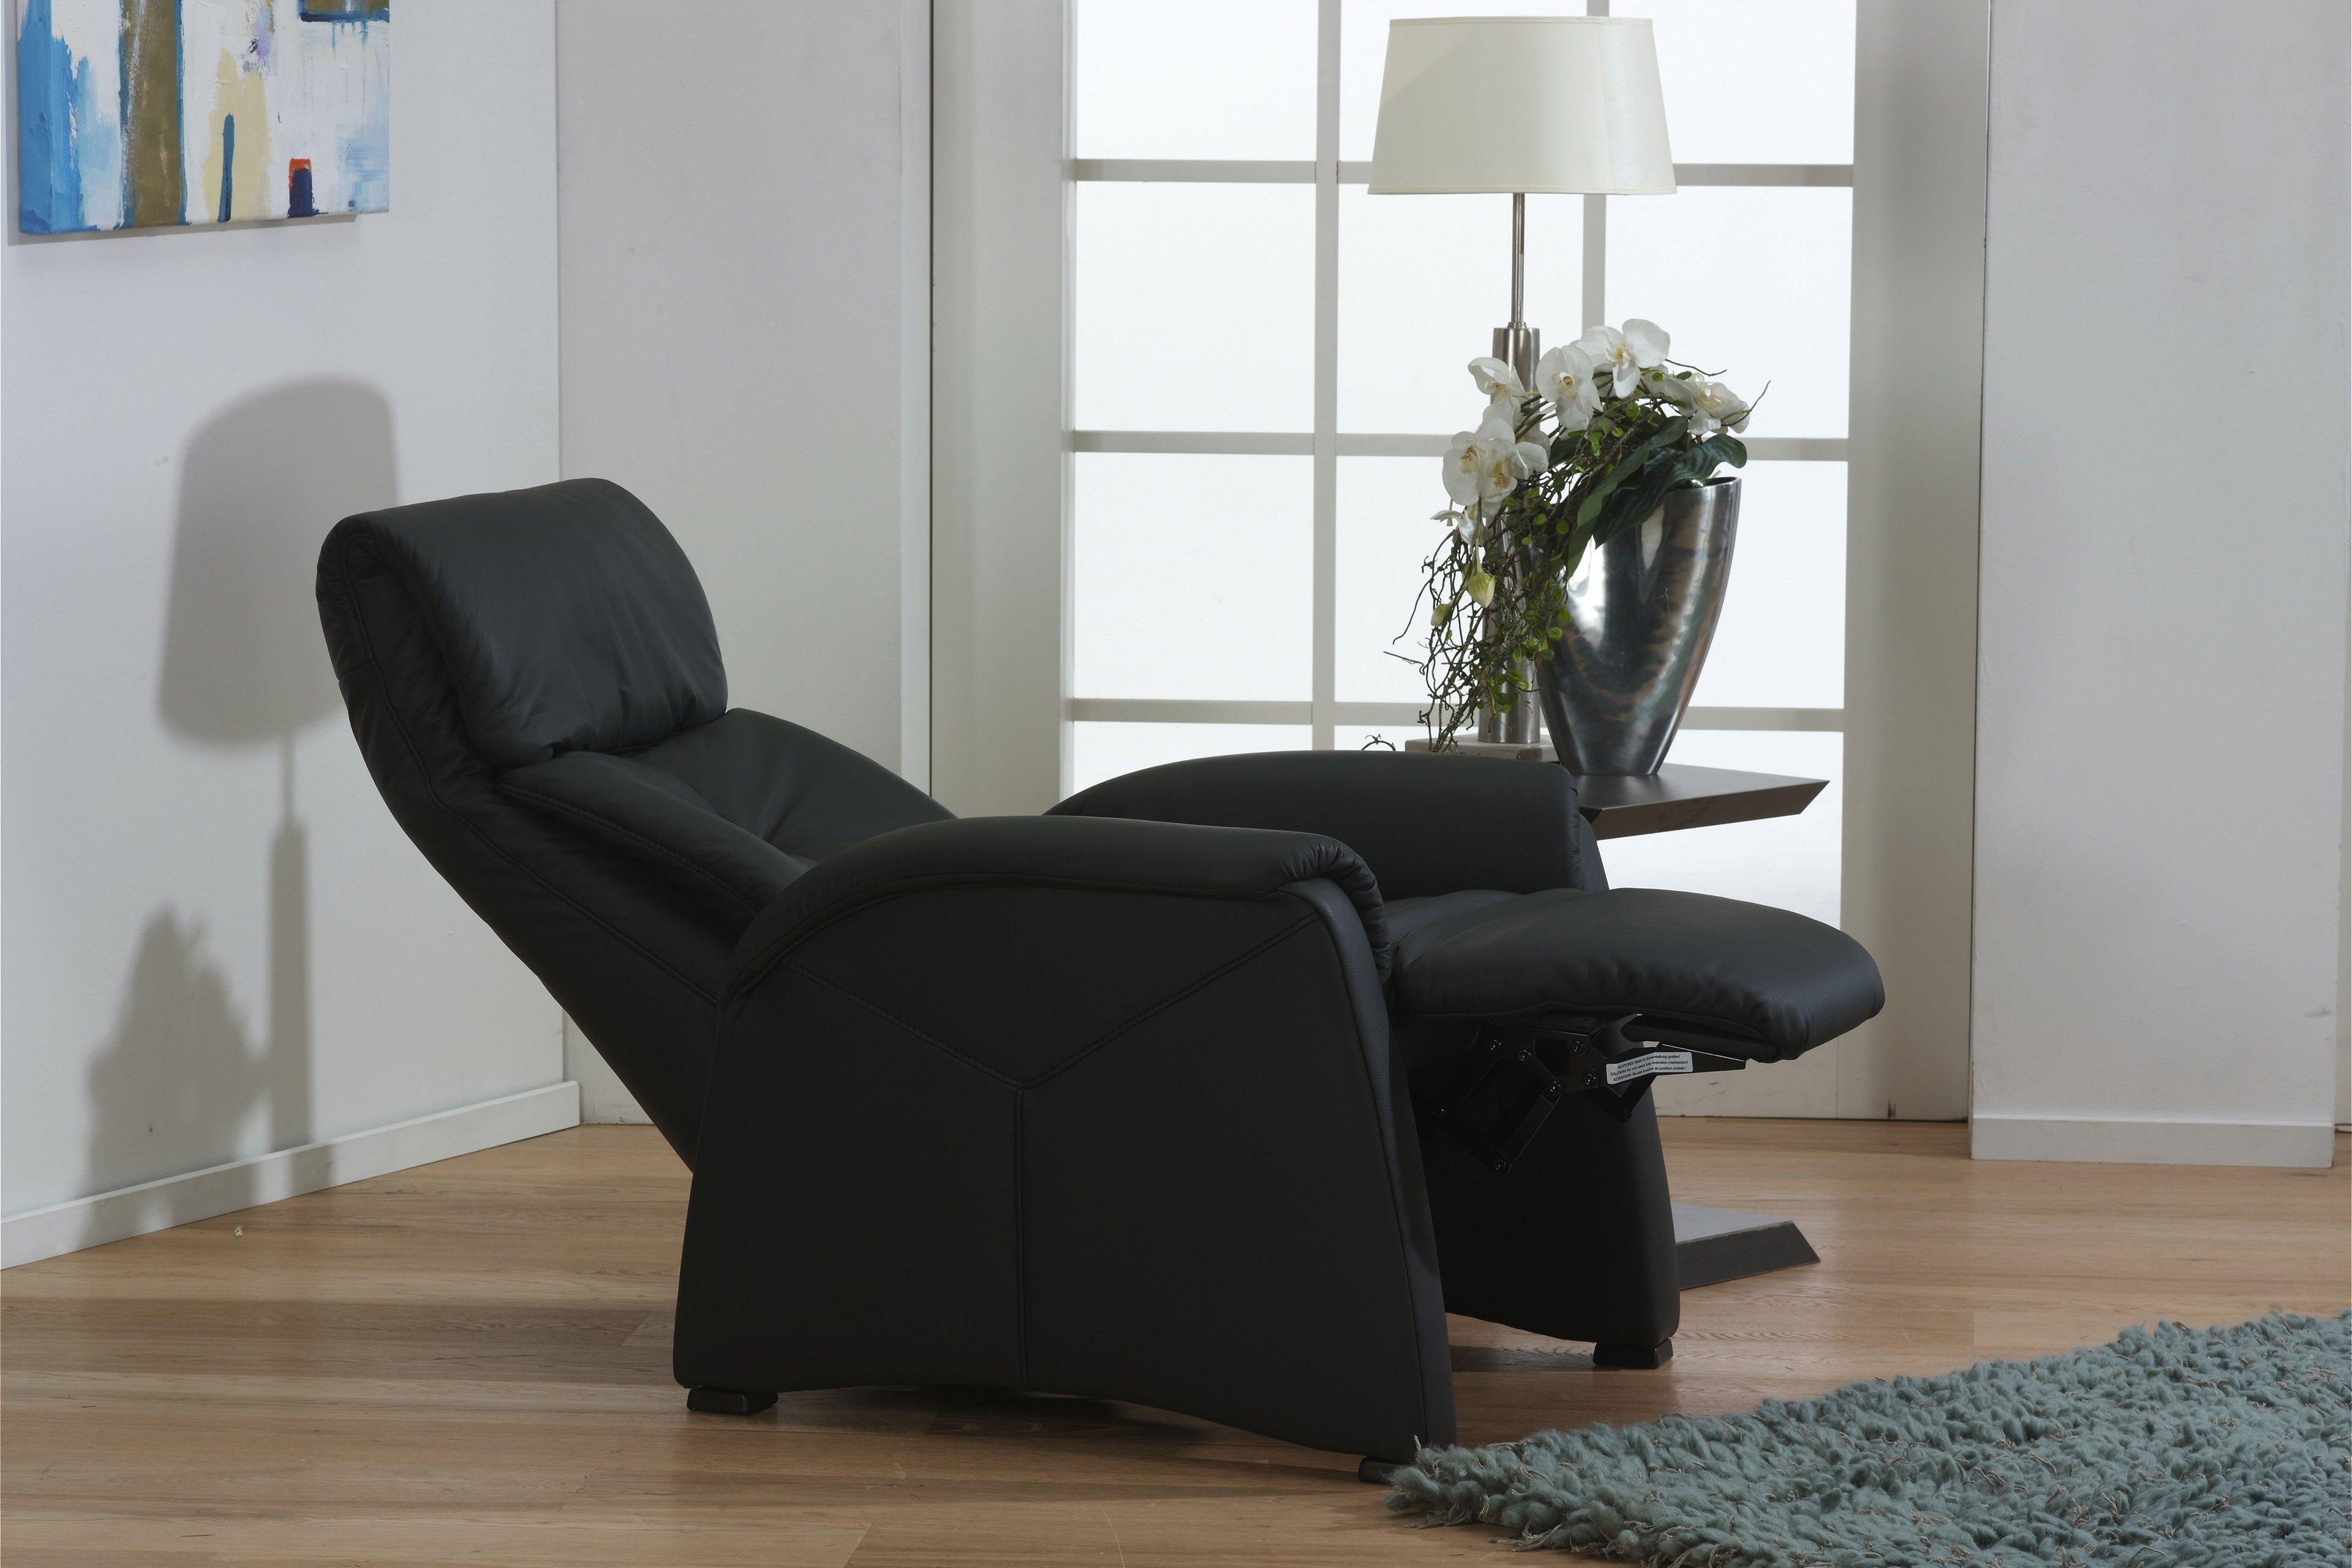 himolla 7978 funktionssessel anthrazit m bel letz ihr. Black Bedroom Furniture Sets. Home Design Ideas